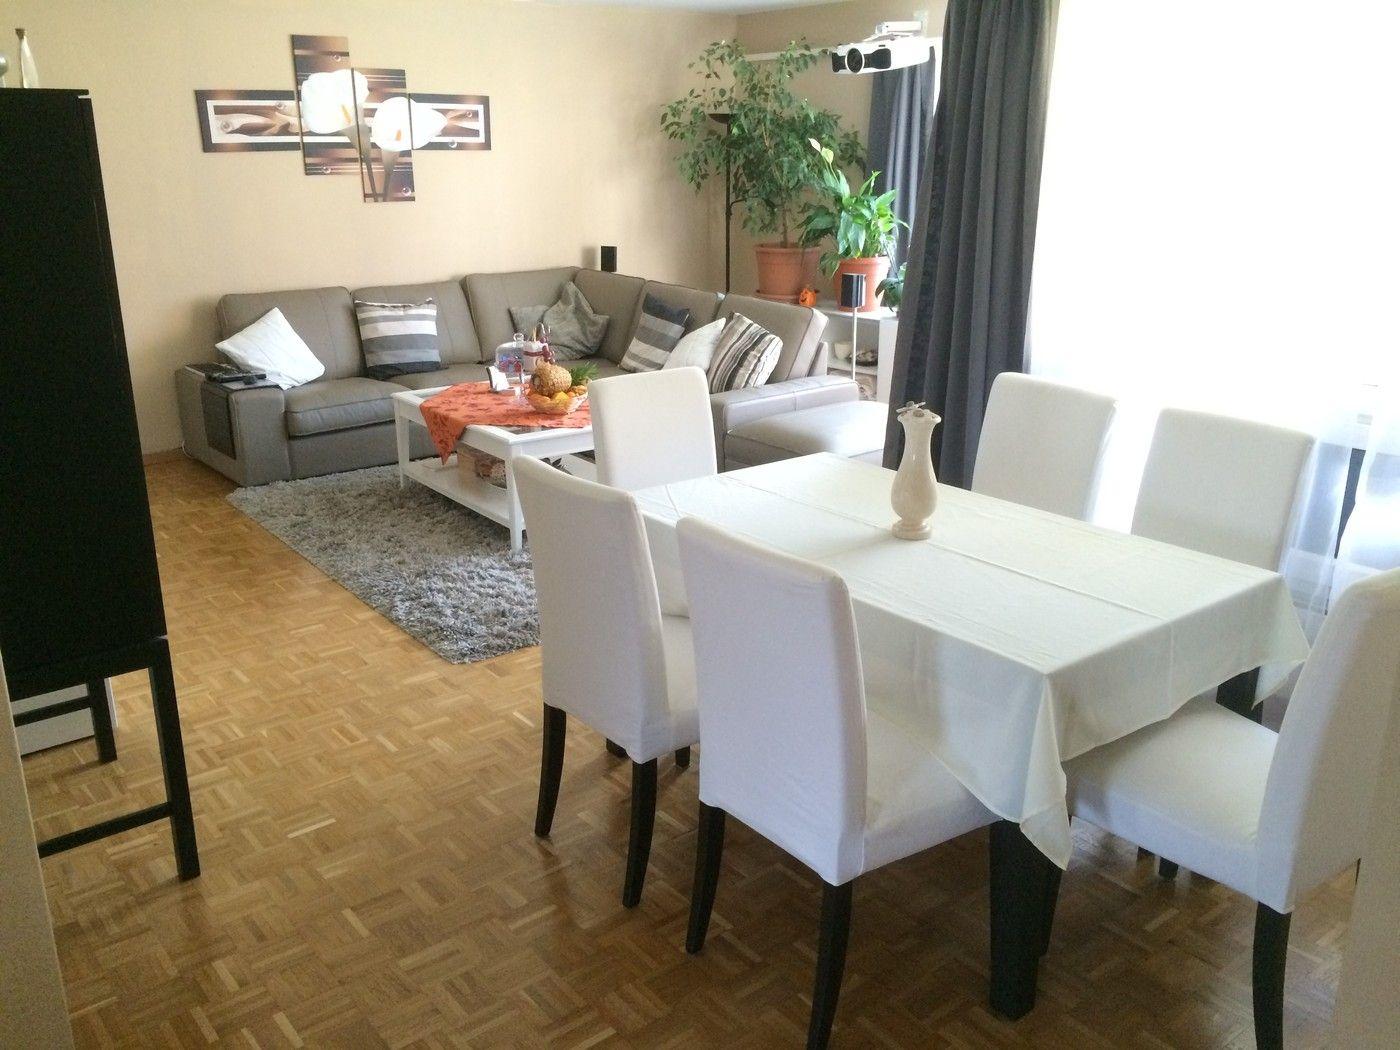 Schone 3 5 Zimmer Wohnung In Adliswil Wohnung 5 Zimmer Wohnung Wohnung In Zurich